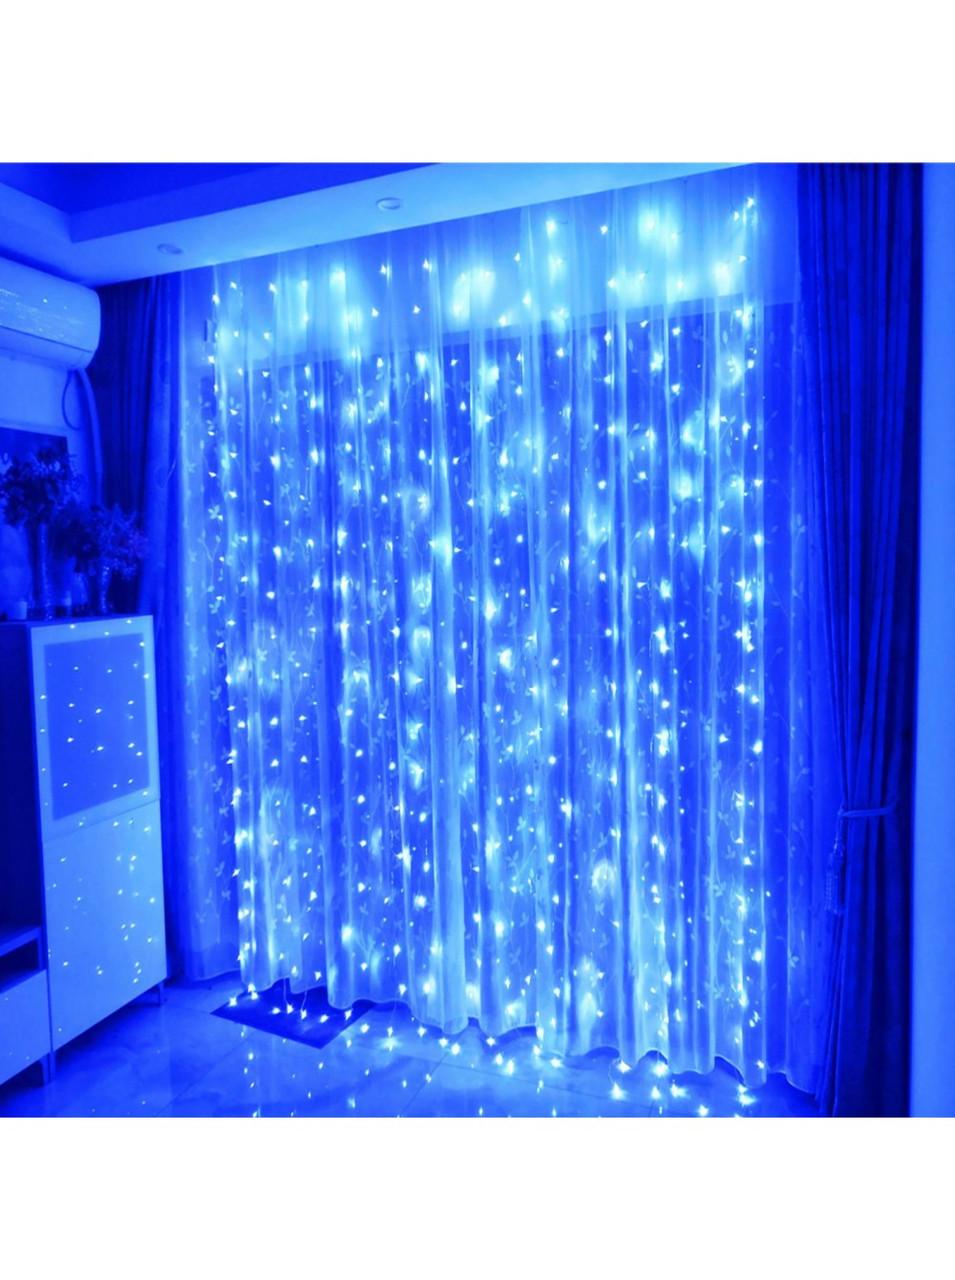 Светодиодная гирлянда Водопад  LED 3*3 м, воспроизводит эффект падающей воды